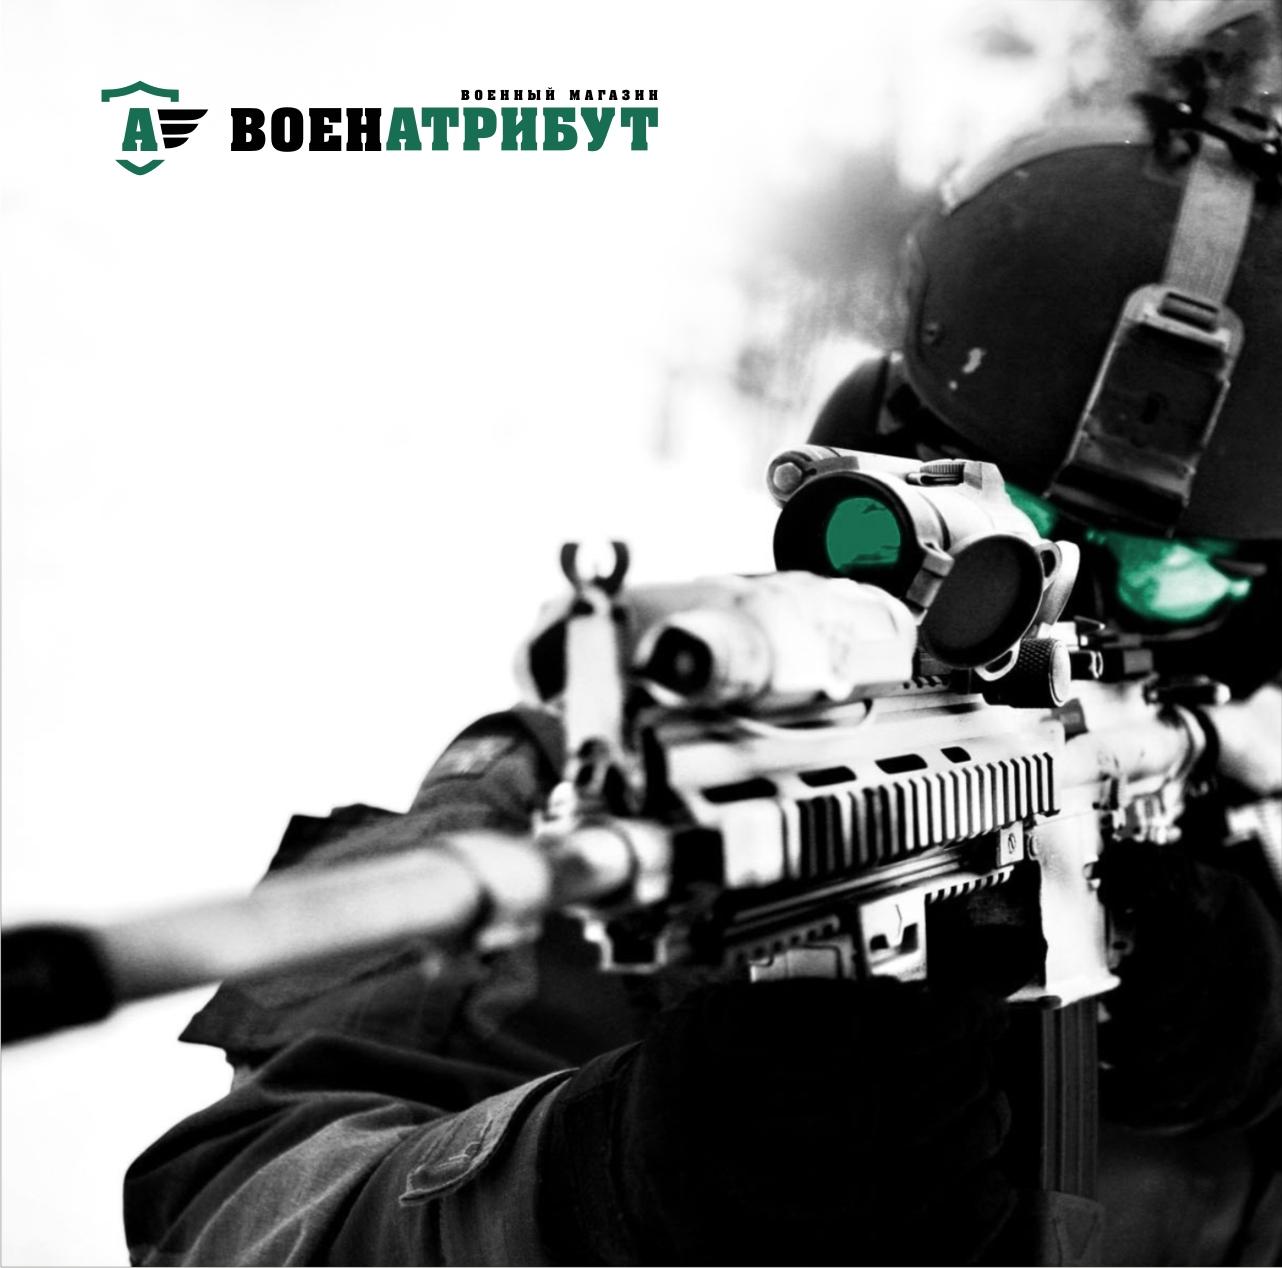 Разработка логотипа для компании военной тематики фото f_67960240315c945e.jpg